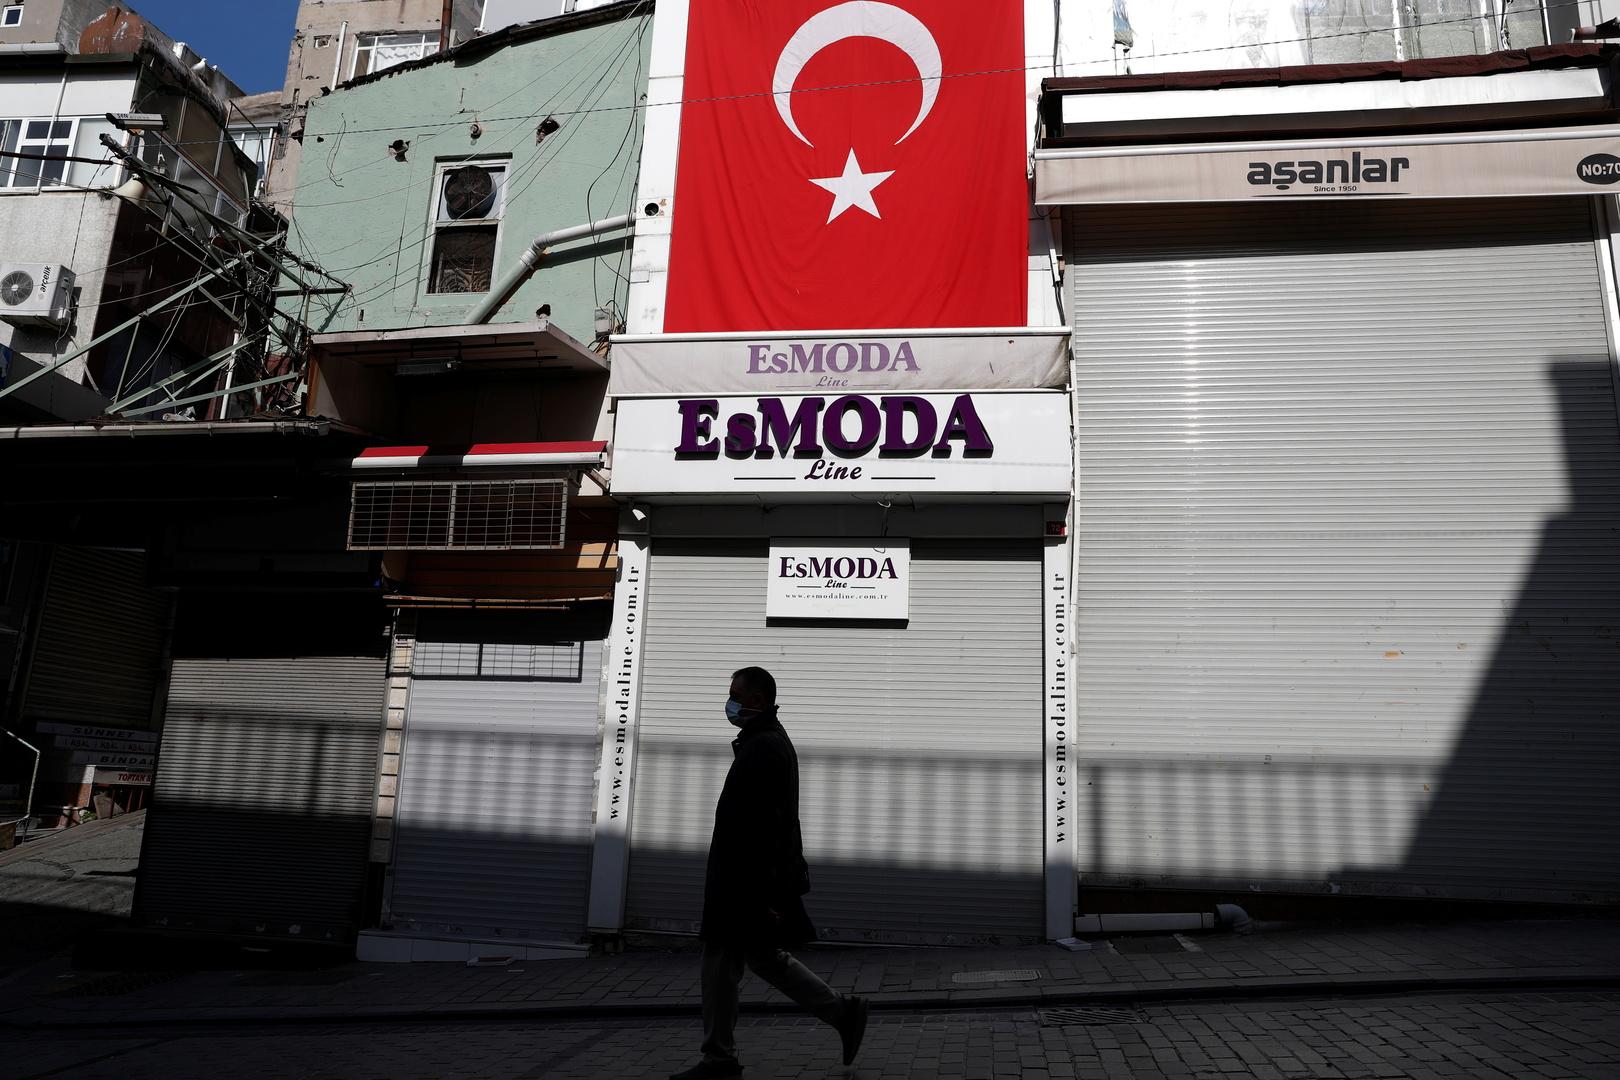 أردوغان يحدد موعد إعلان الجدول الزمني الجديد لتخفيف تدابير فيروس كورونا